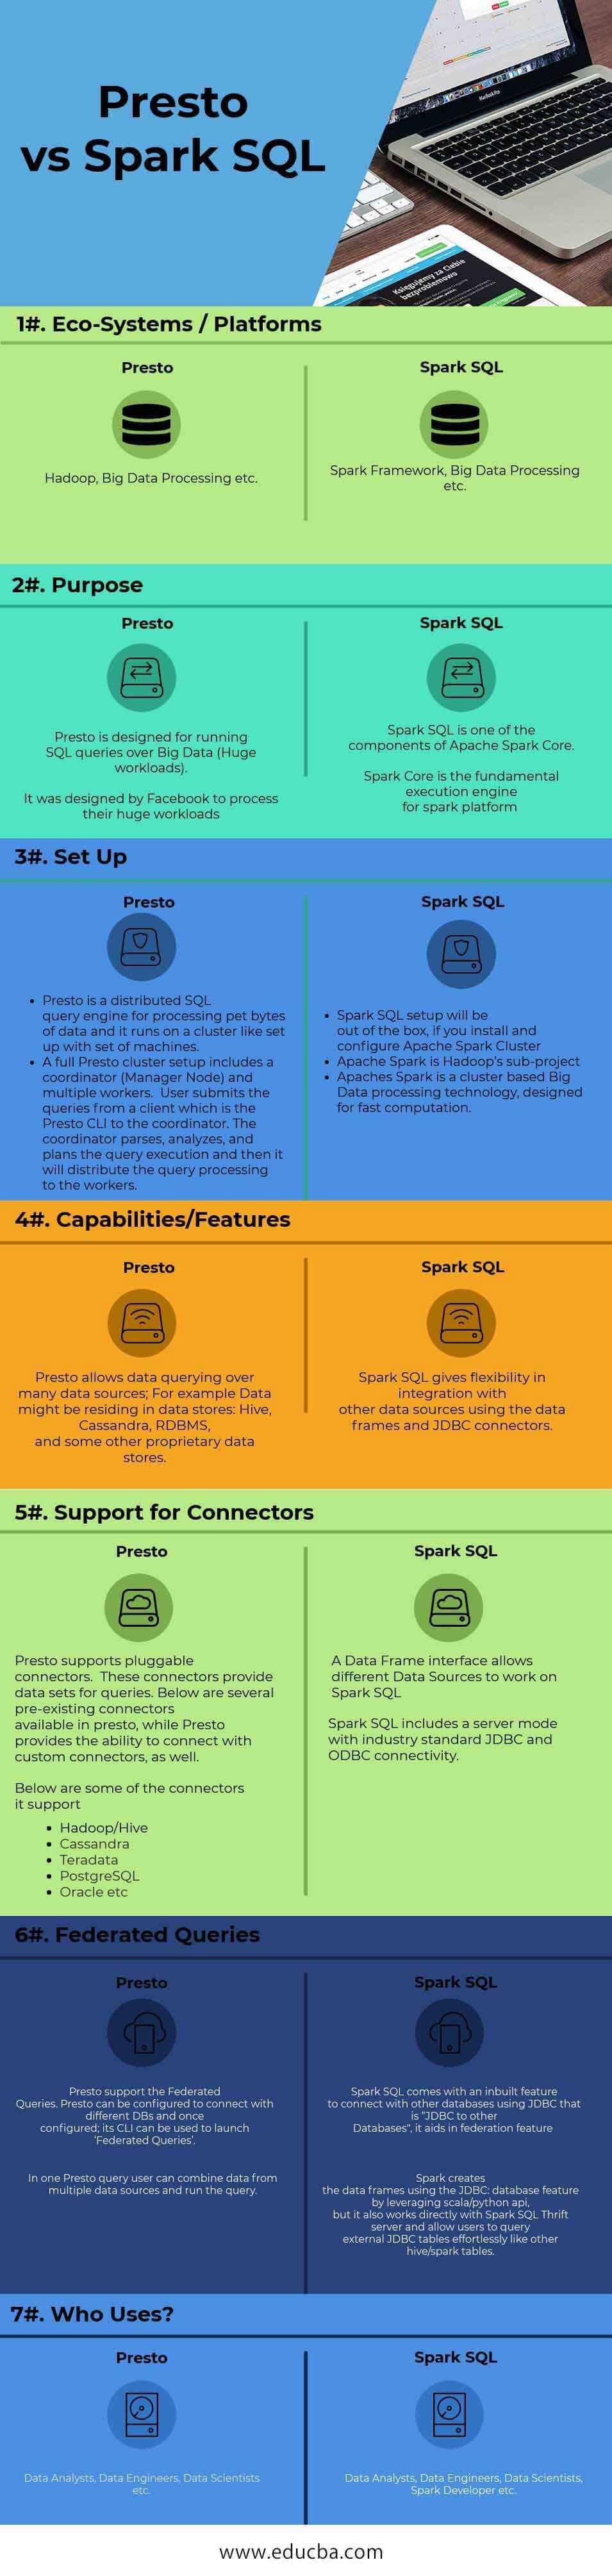 Spark SQL vs Presto